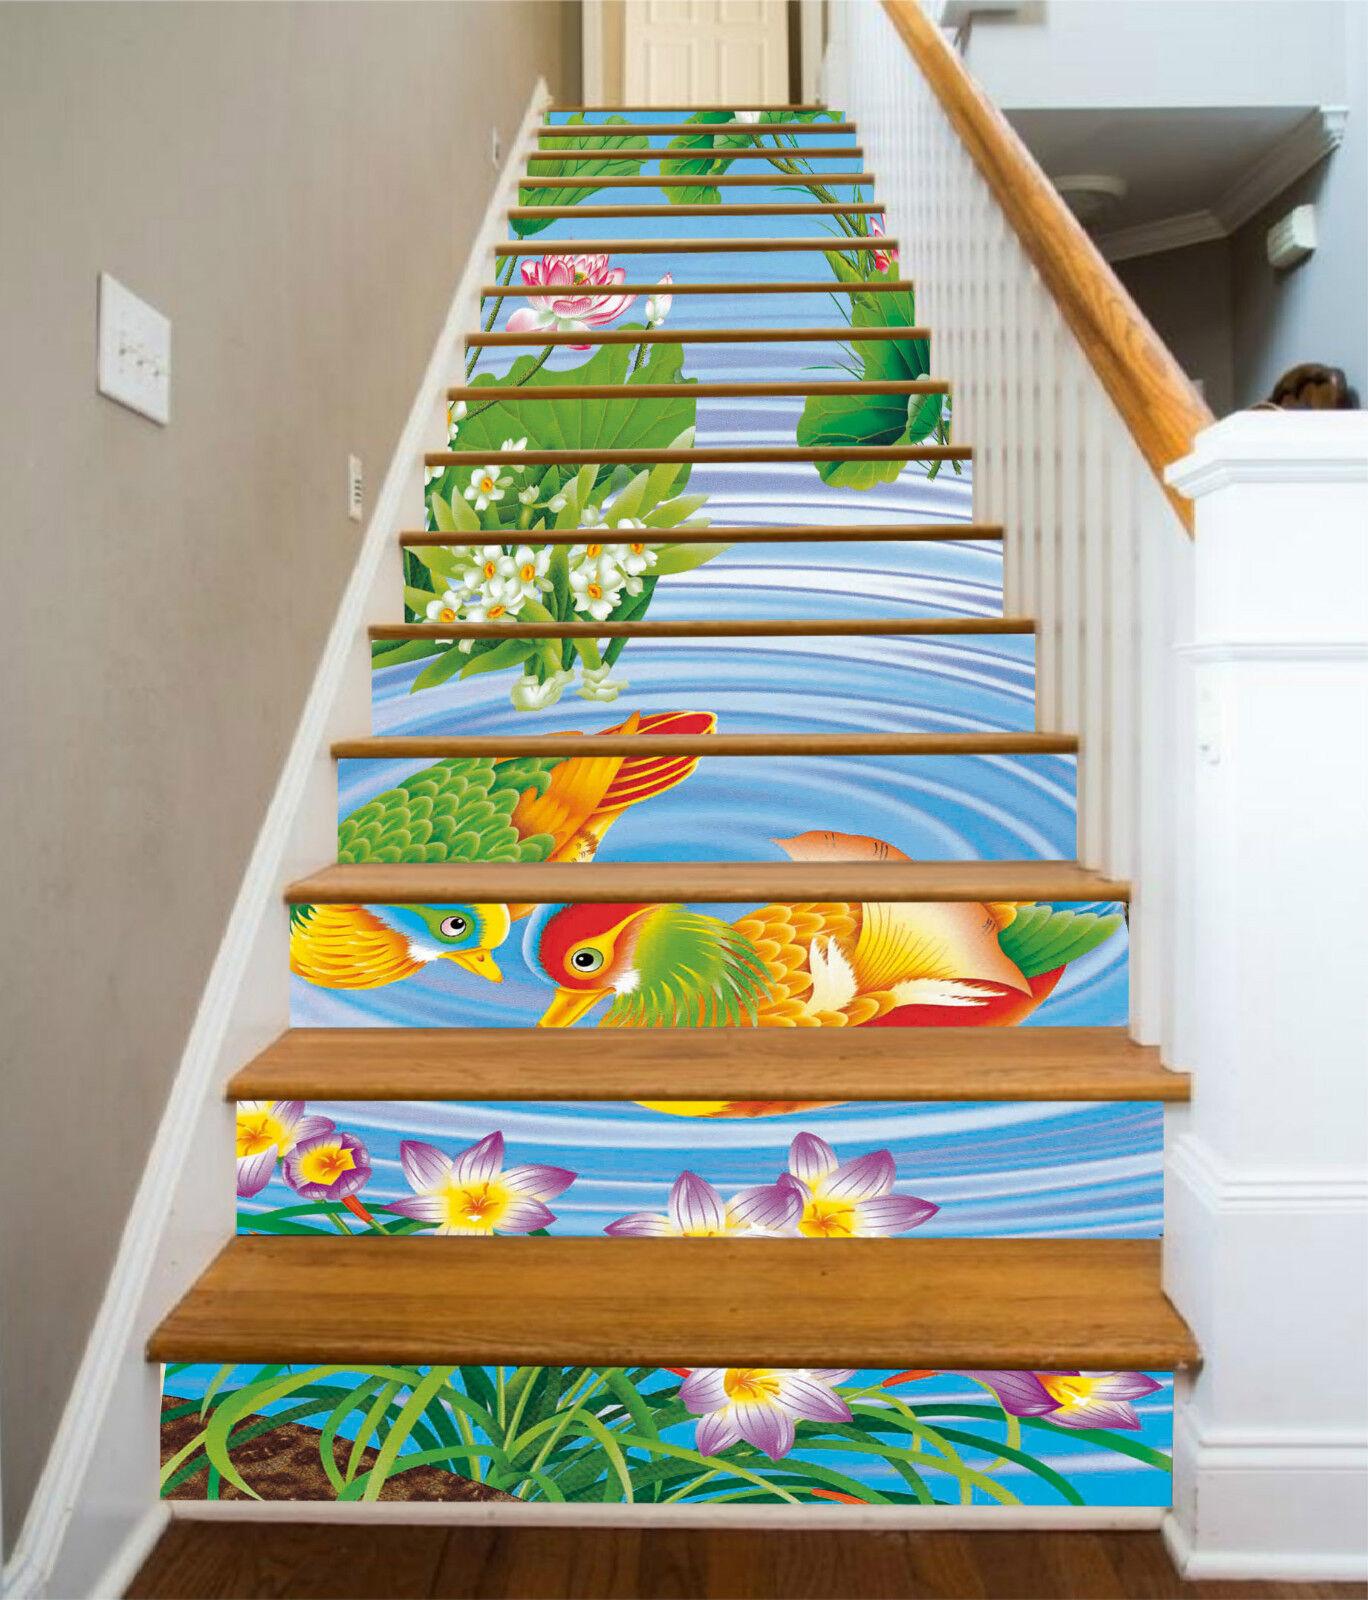 3D Mandarin Ente 39 Stair Risers Dekoration Fototapete Vinyl Aufkleber Tapete DE